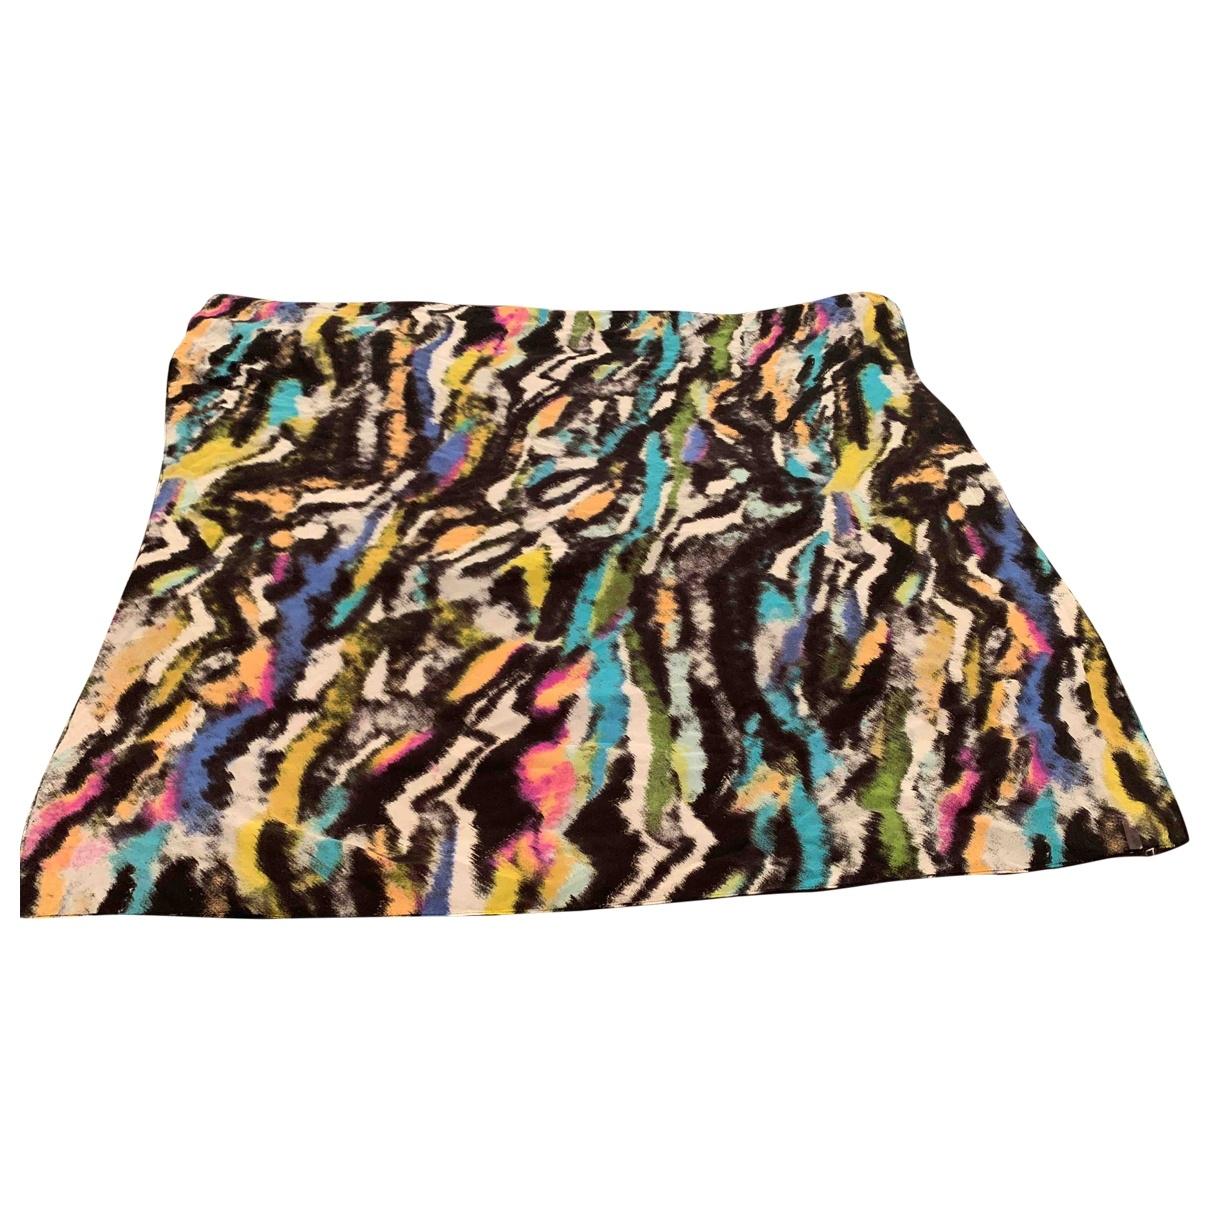 Matthew Williamson For H&m - Foulard   pour femme en soie - multicolore